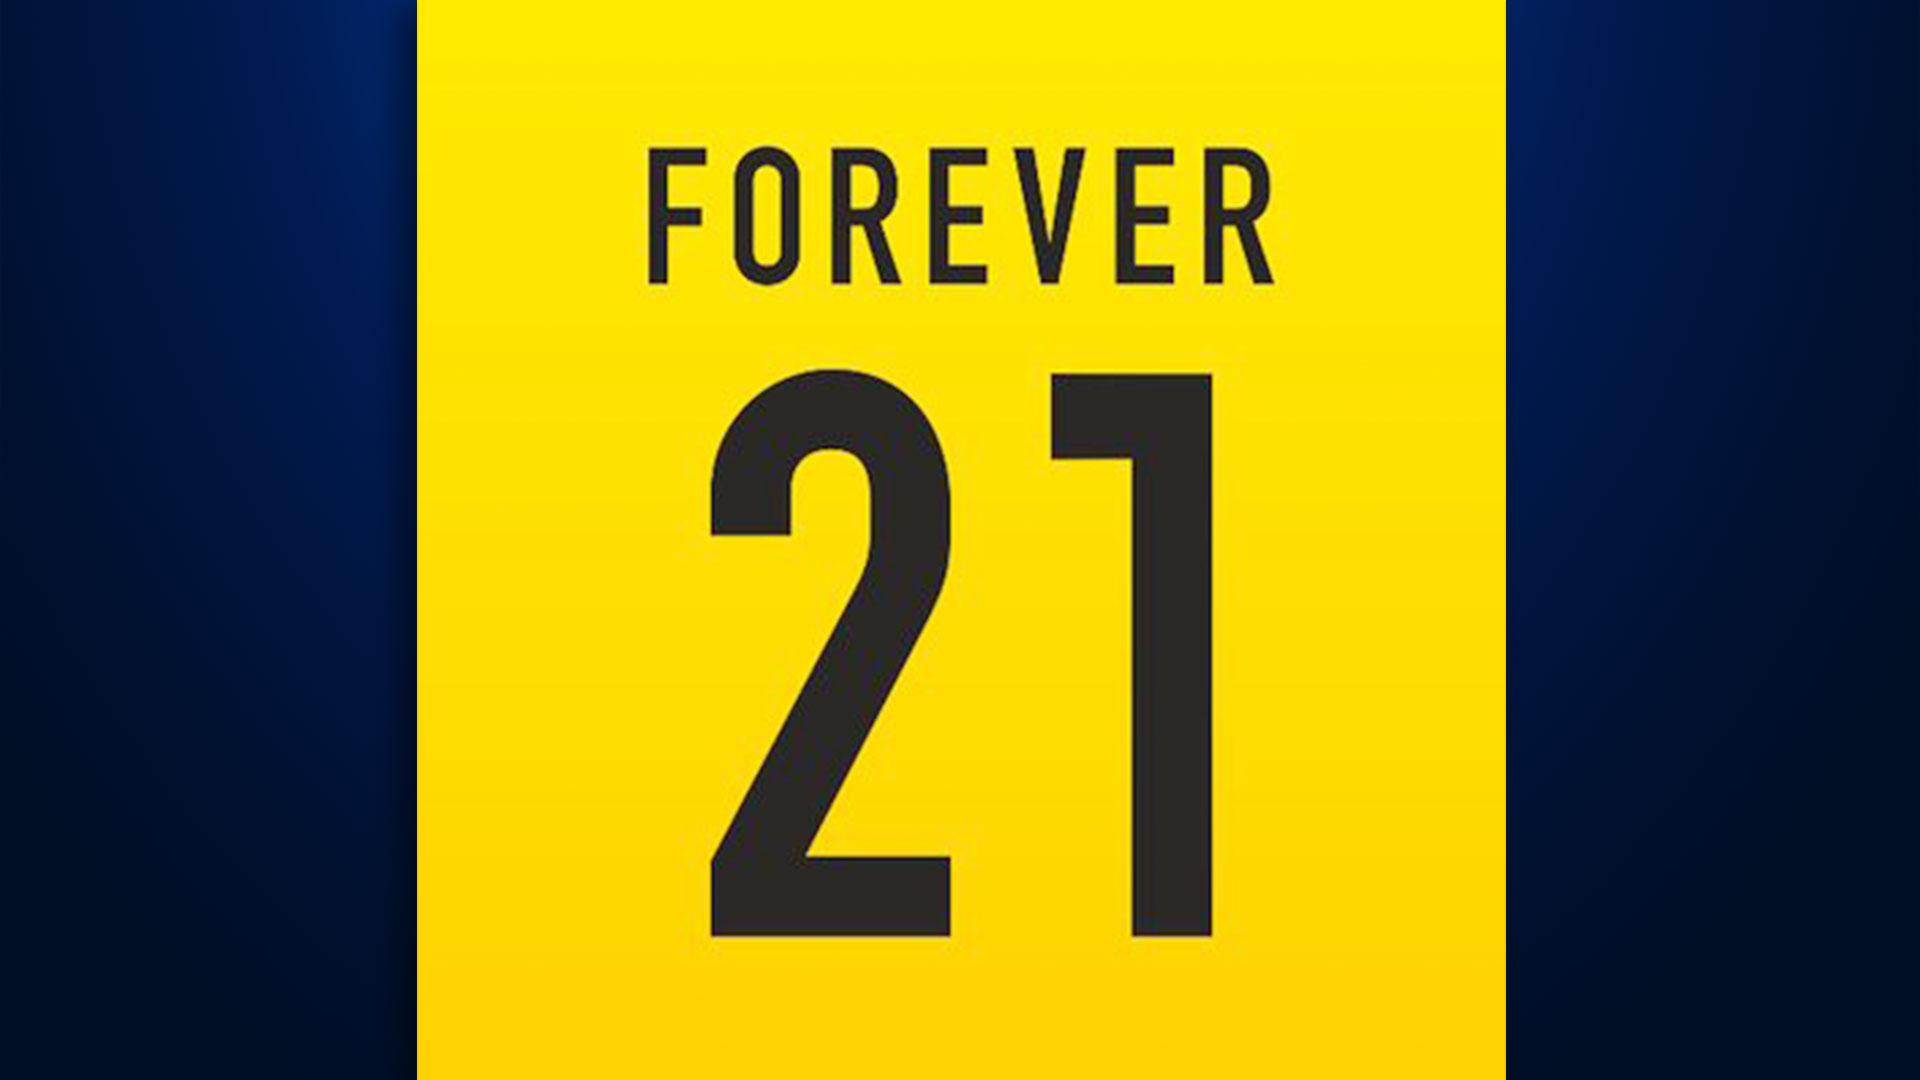 KELO Forever 21